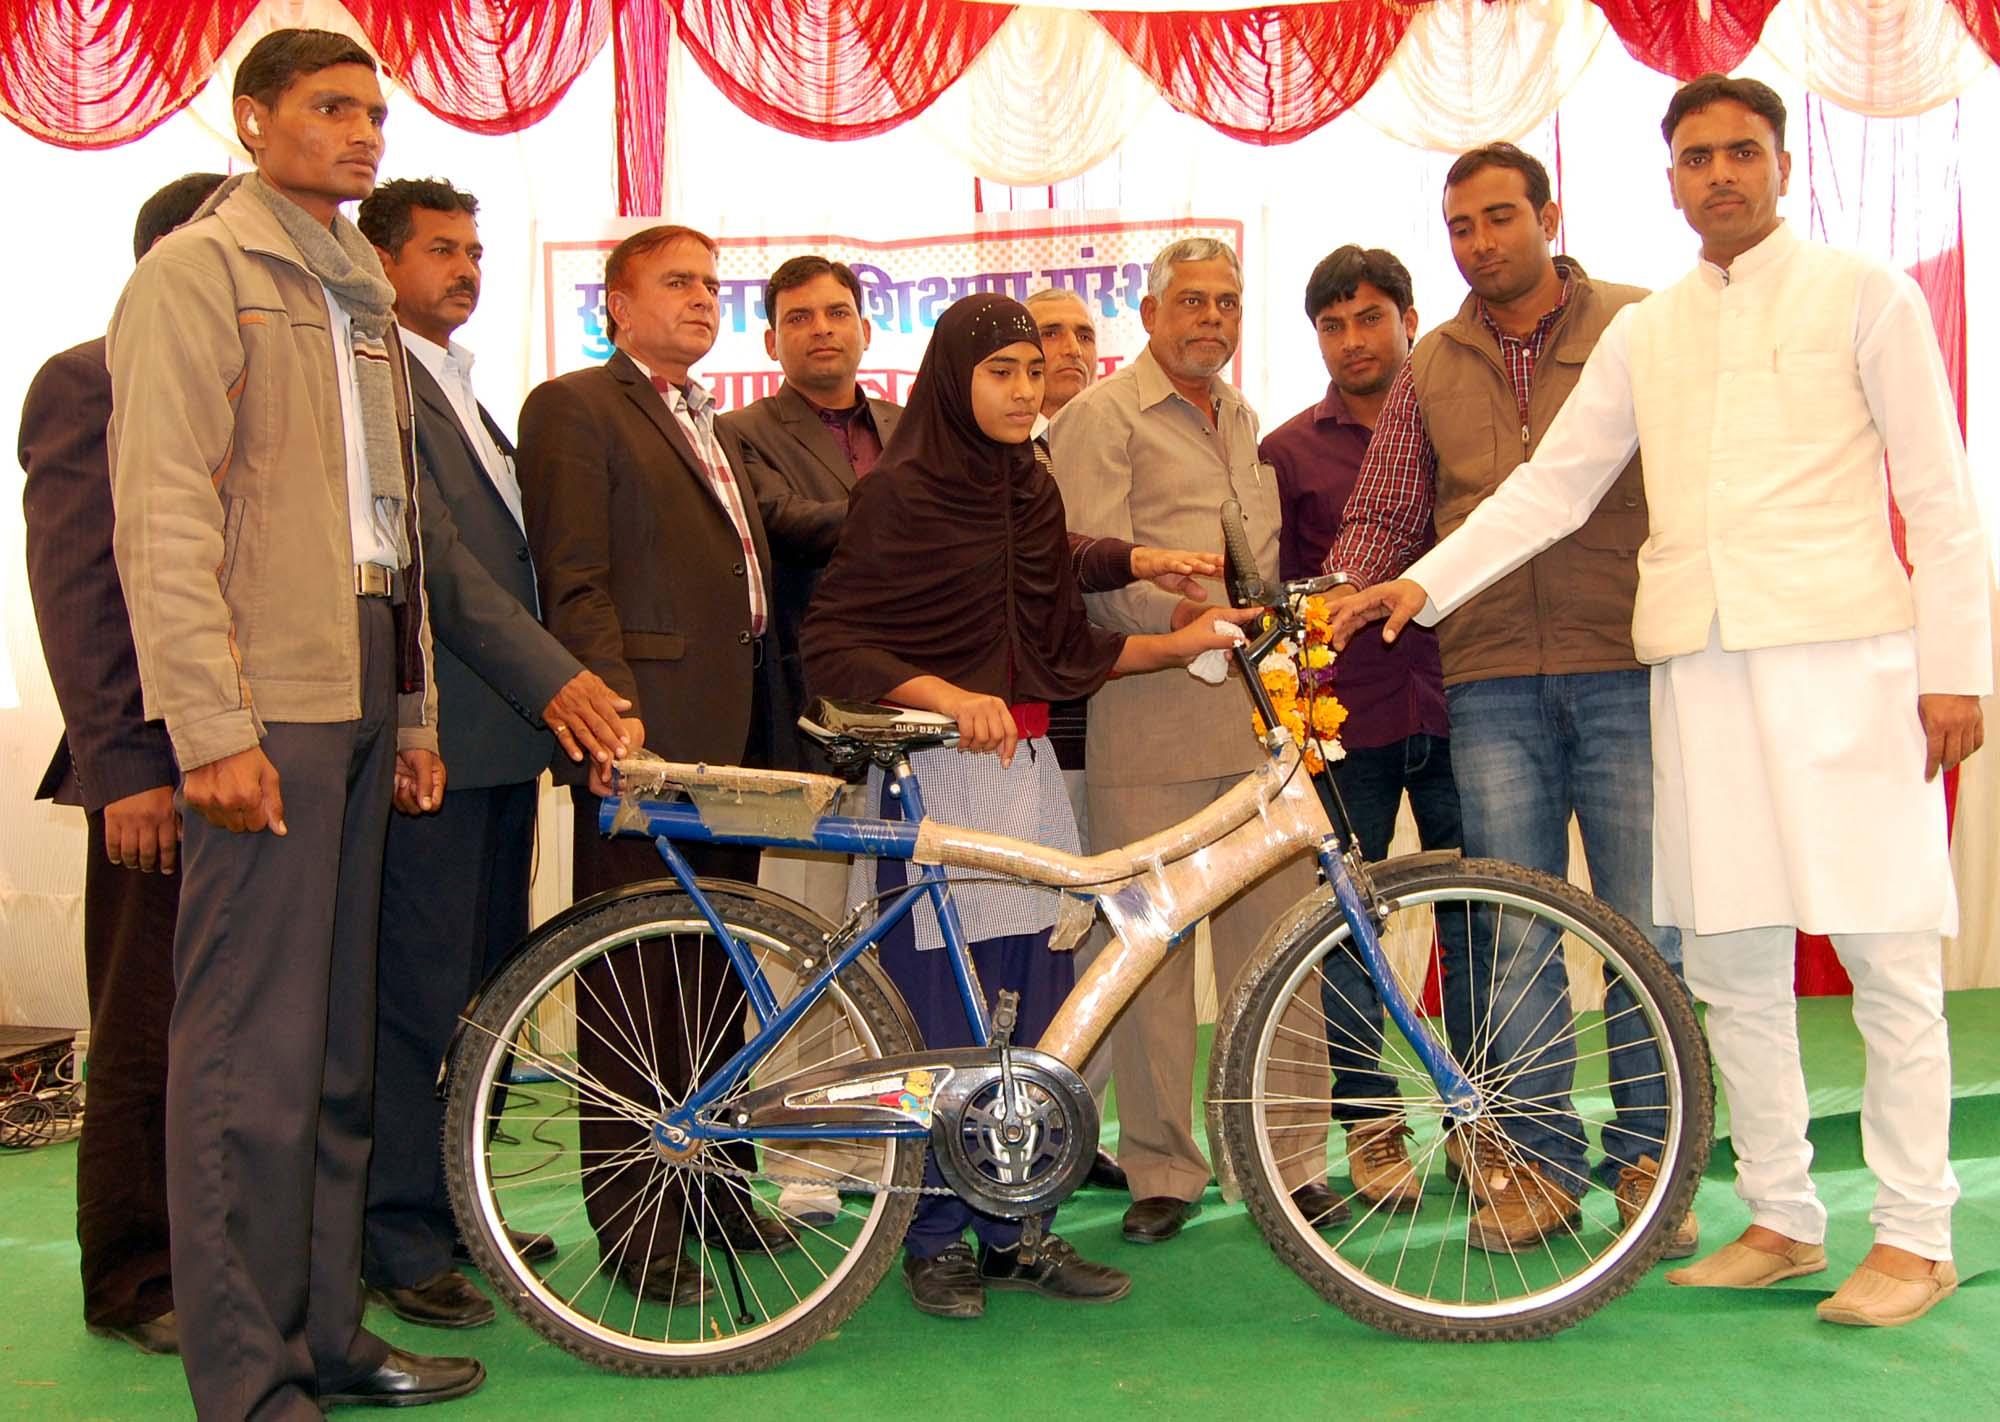 सुजानगढ़ शिक्षण संस्थान में रजिया और आसमां को मिली साइकिल